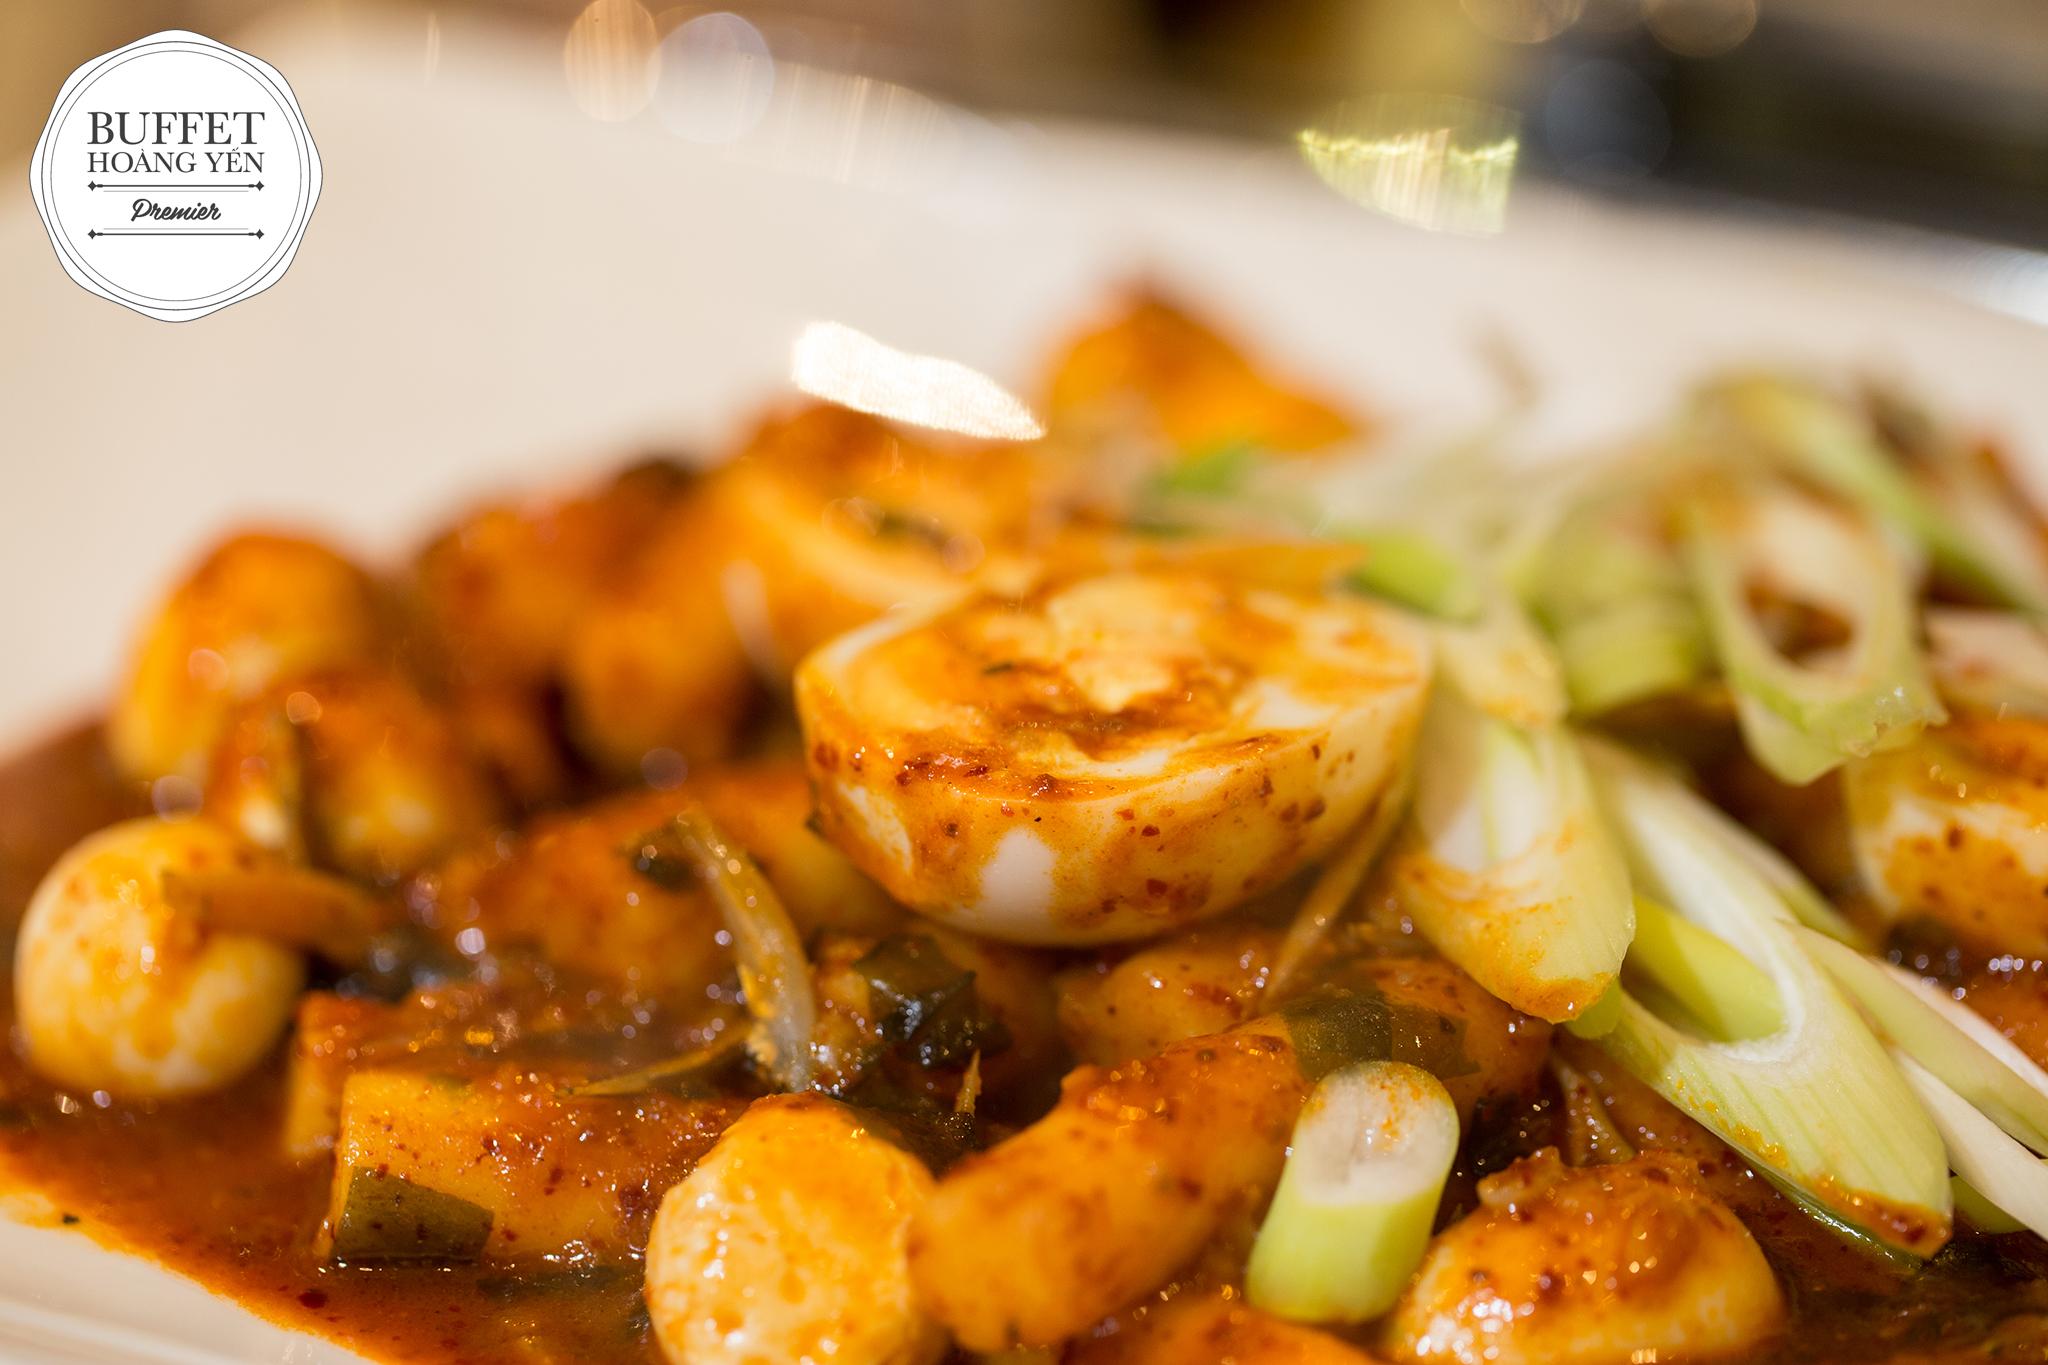 Đua nhau check-in lễ hội ẩm thực Nhật -Hàn đi 4 tặng 1 - Ảnh 3.